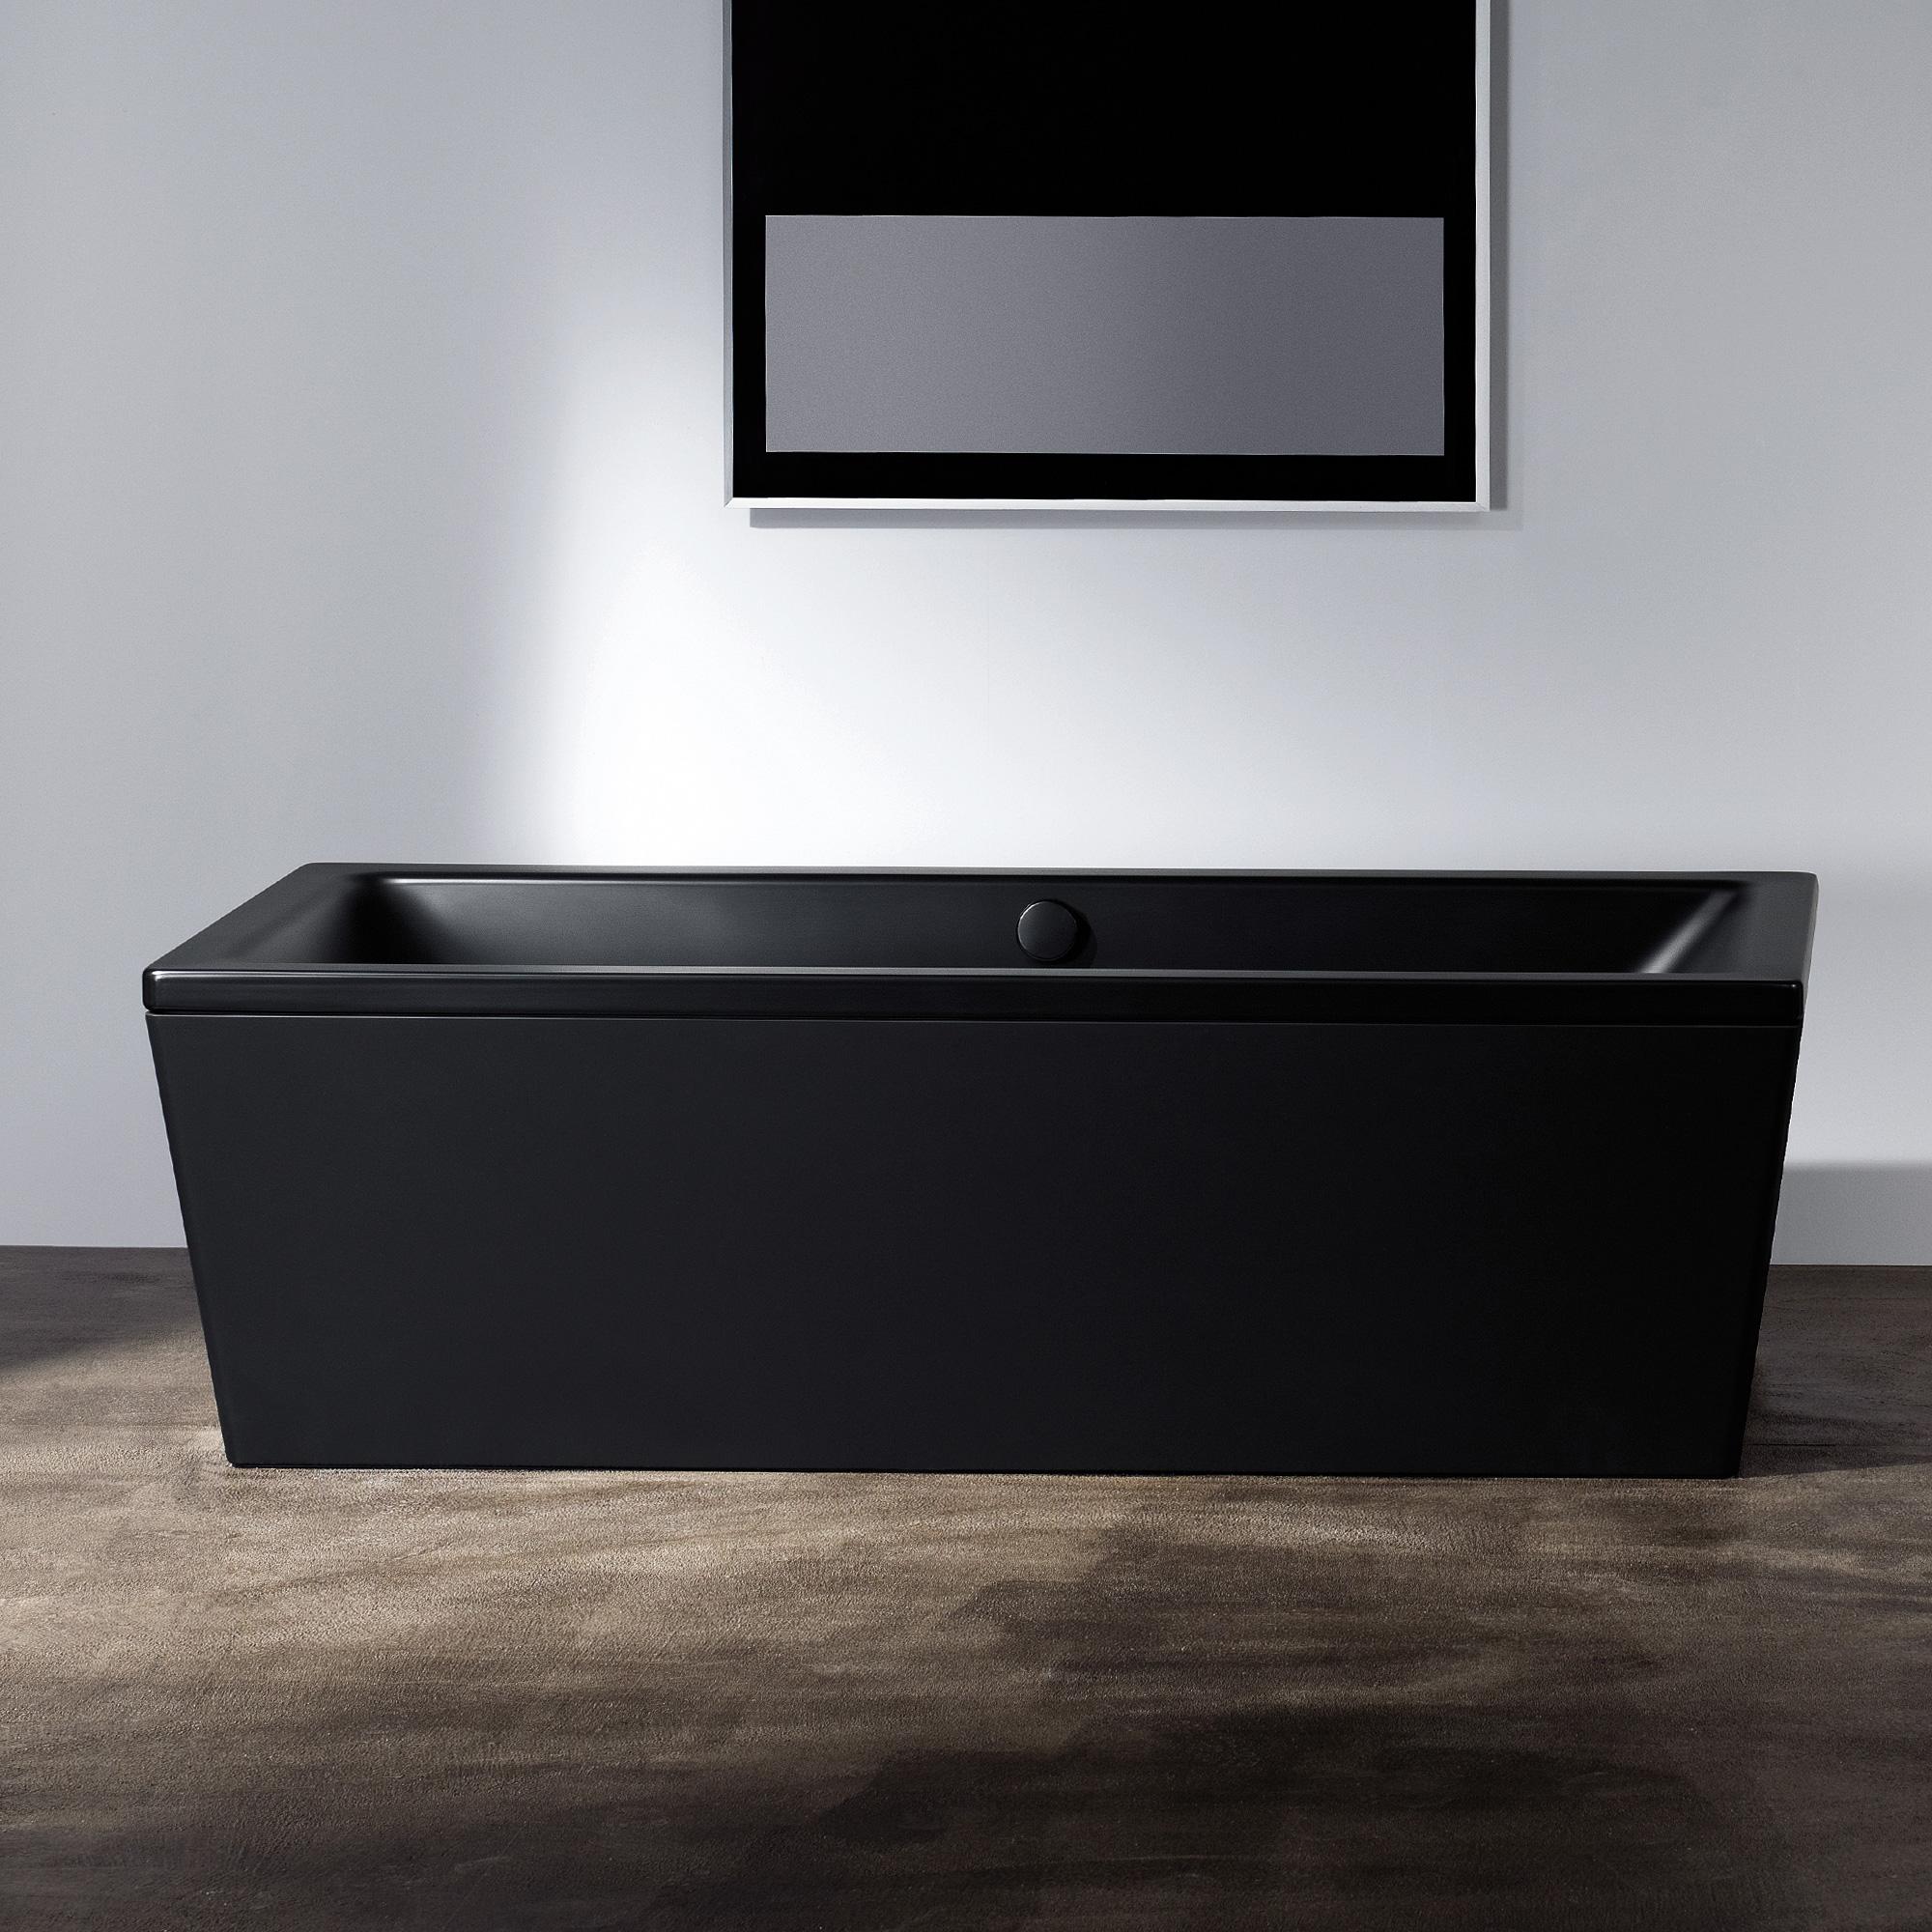 kaldewei conoduo freistehende badewanne mit verkleidung lavaschwarz matt 235148050717 reuter. Black Bedroom Furniture Sets. Home Design Ideas